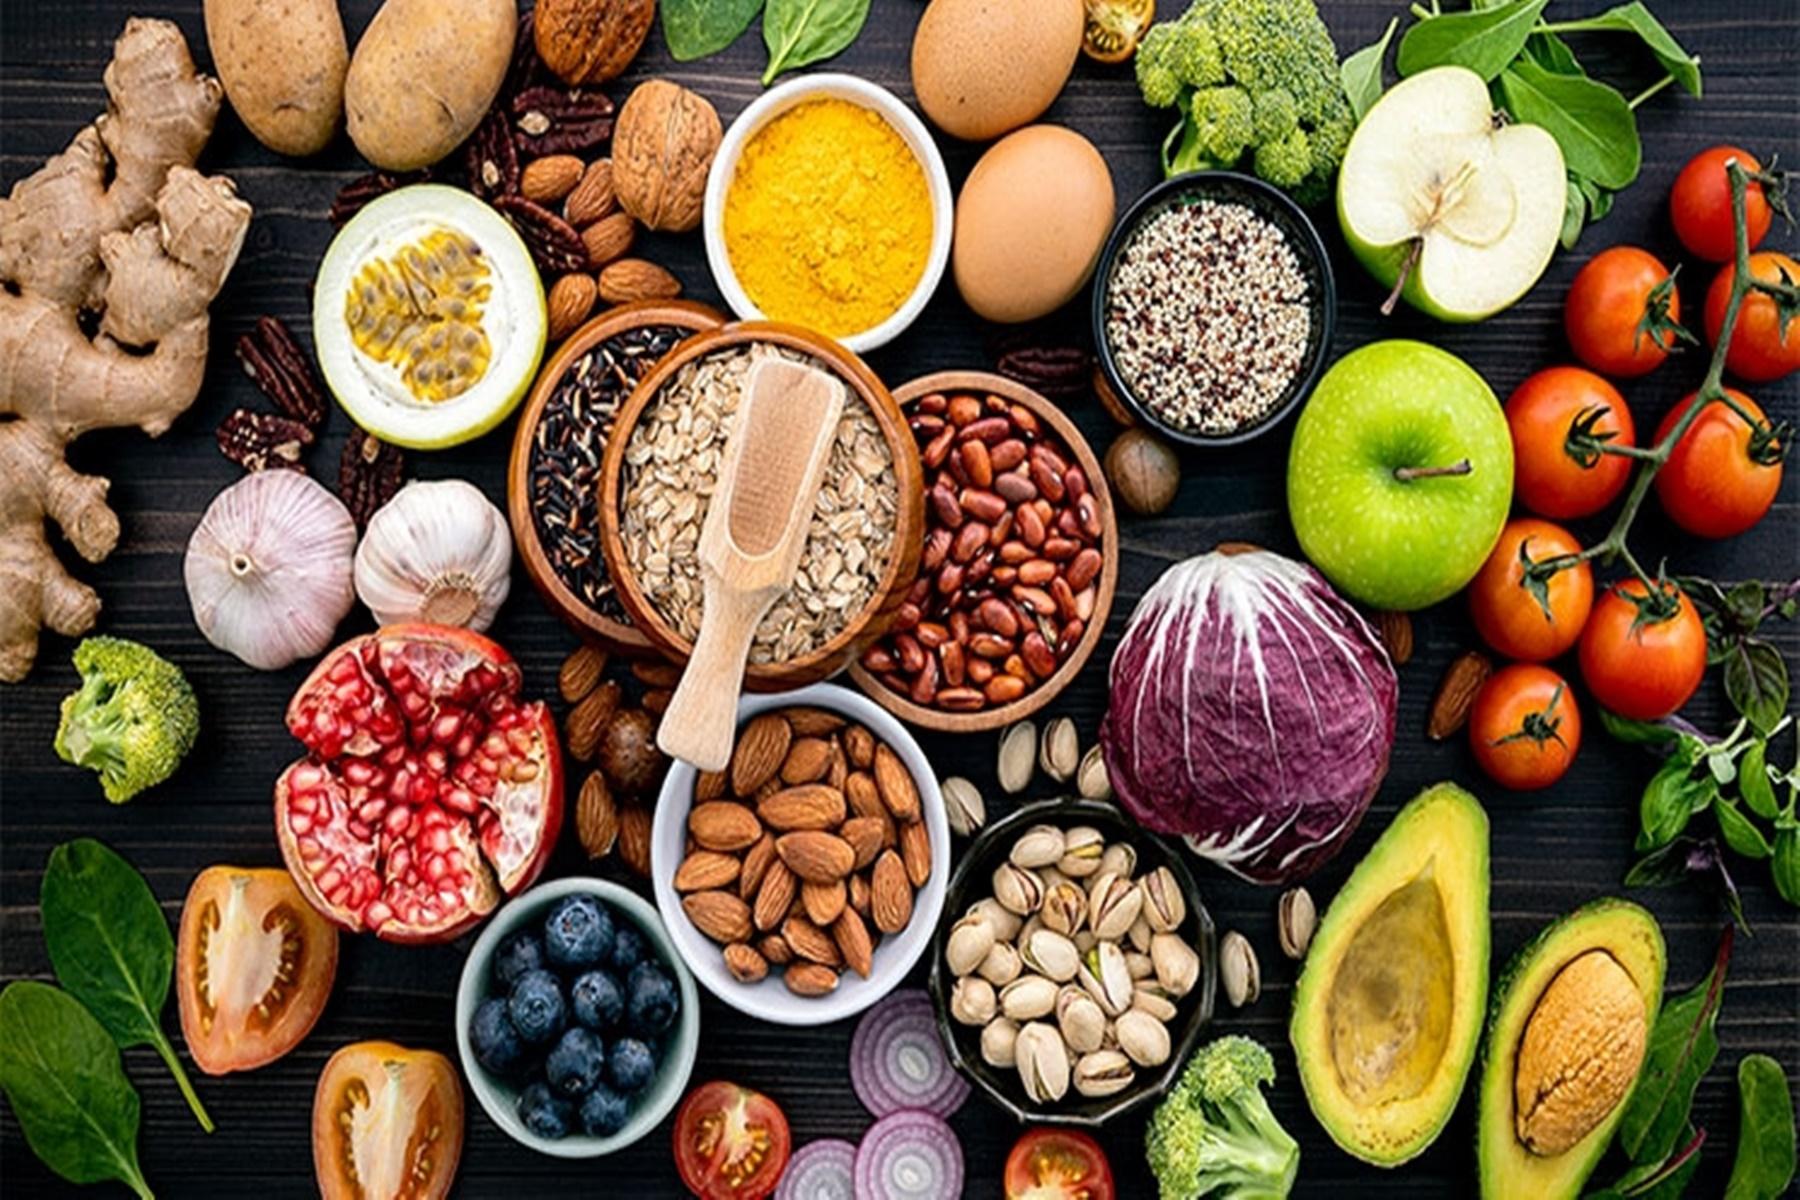 Υγιεινή διατροφή επιλογές: Έξι υγιεινές τροφές απαραίτητες για το διατροφολόγιό σας